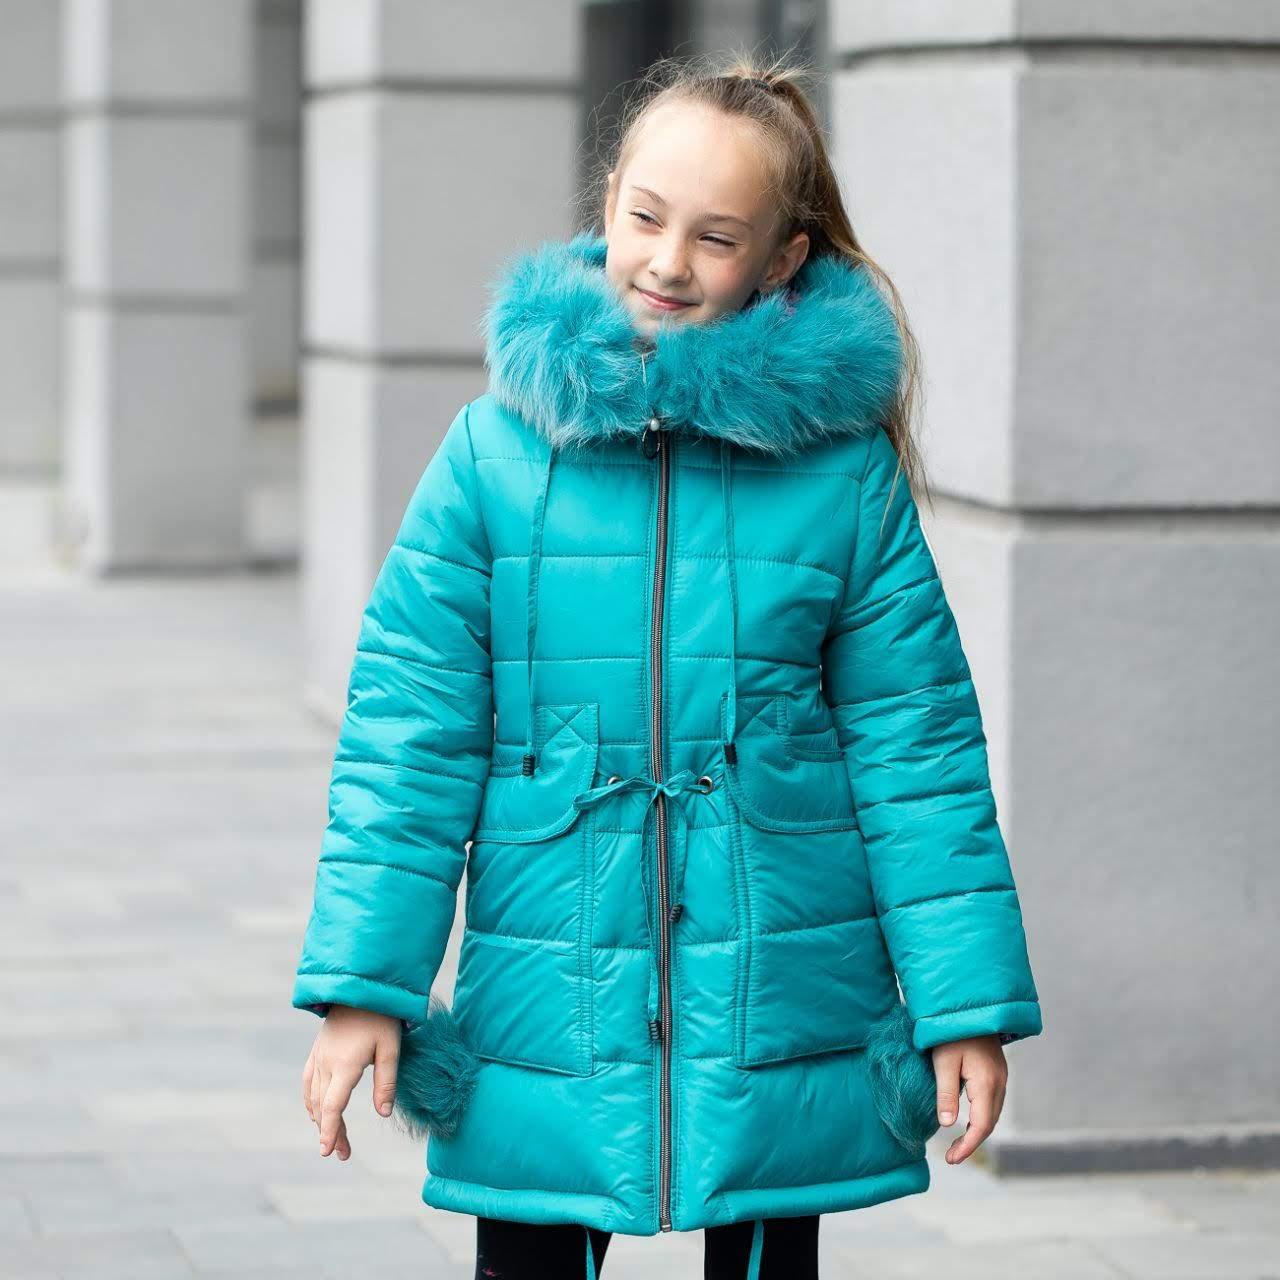 """Детская зимняя куртка на девочку """"Люси"""", цвет - бирюза, размеры 26 - 36"""